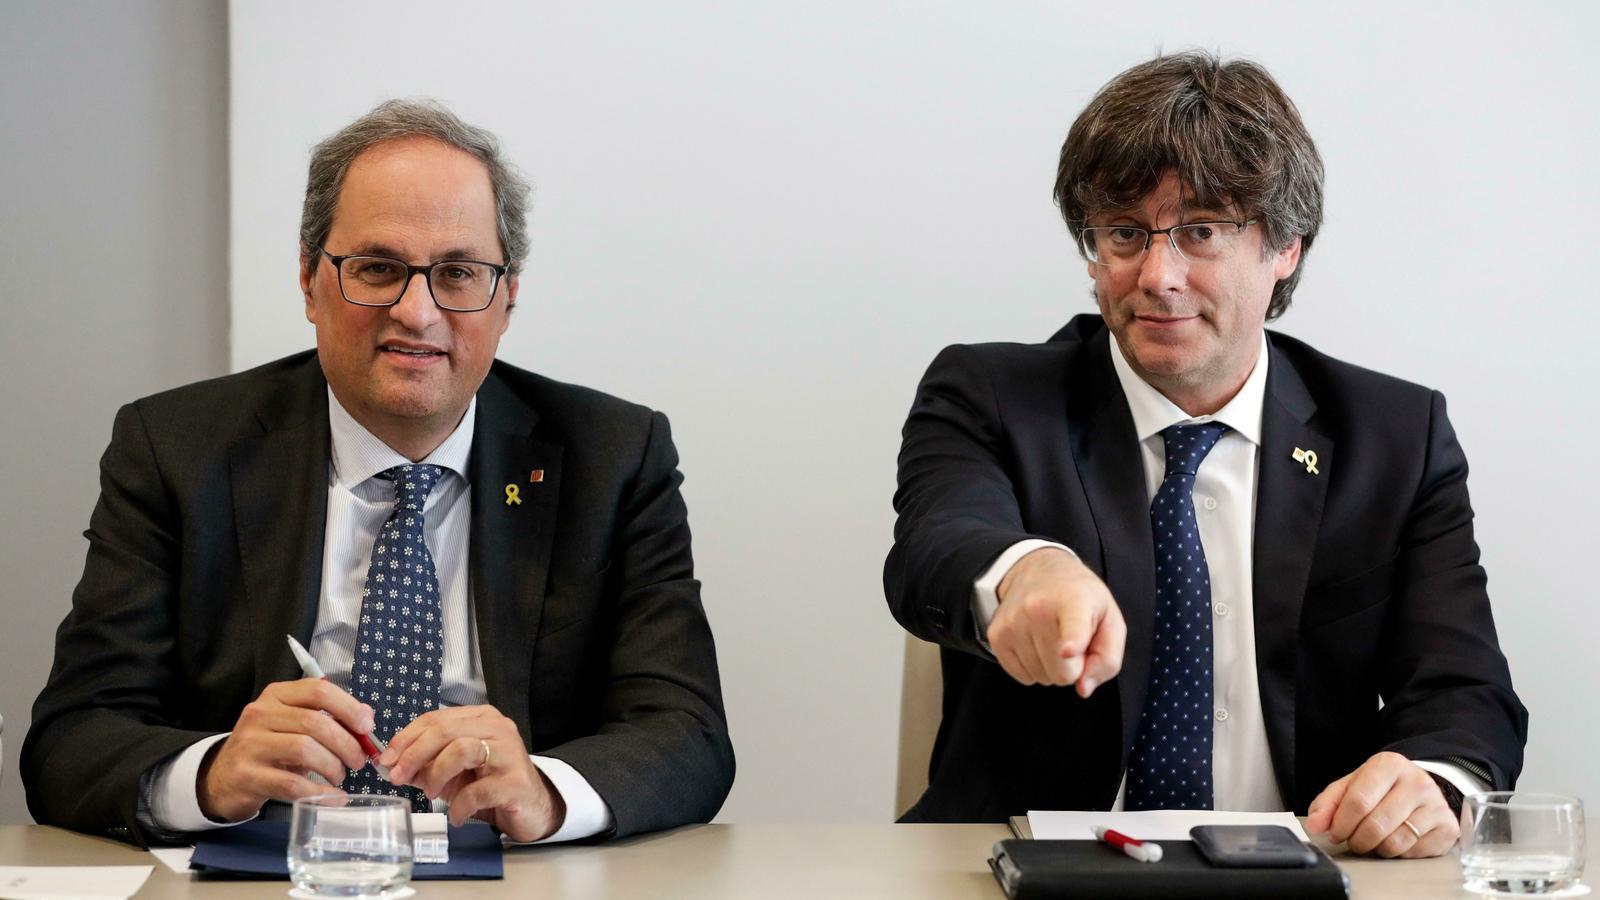 L'expresident Carles Puigdemont i el president Quim Torra, en una imatge d'arxiu.